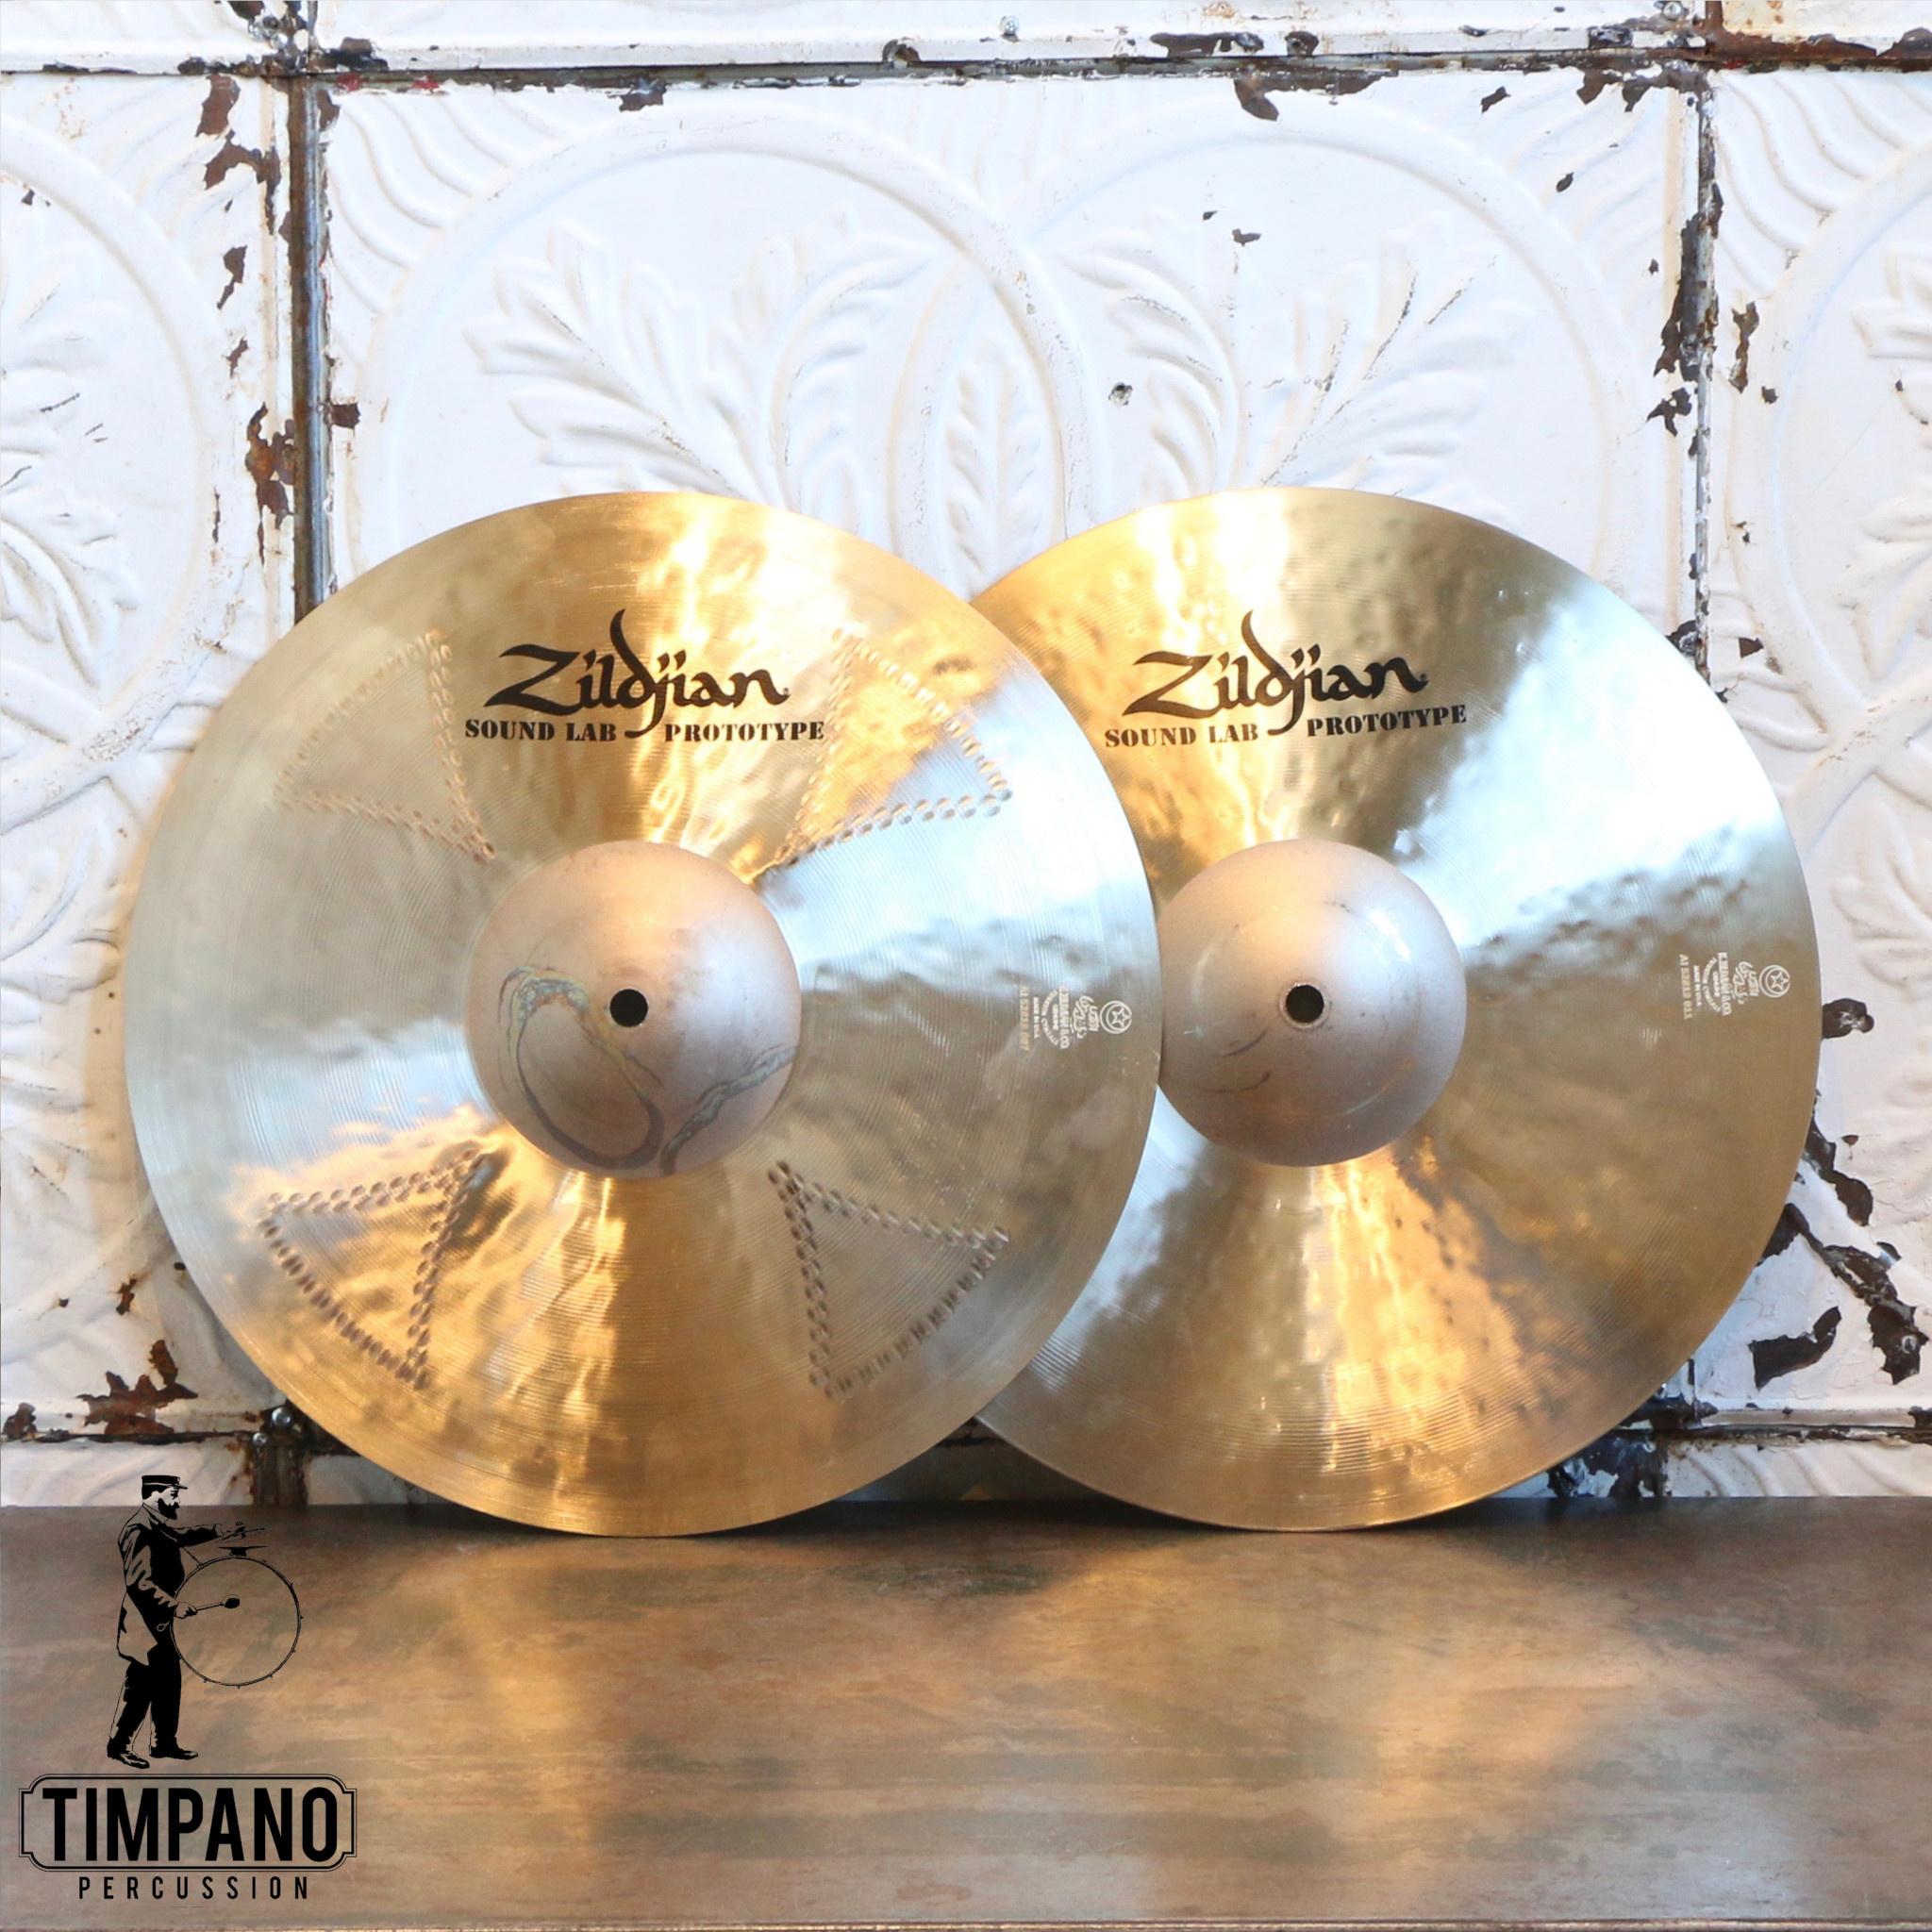 Zildjian Cymbales hi-hat prototype Zildjian K Cluster Top/K Sweet Bottom 14po